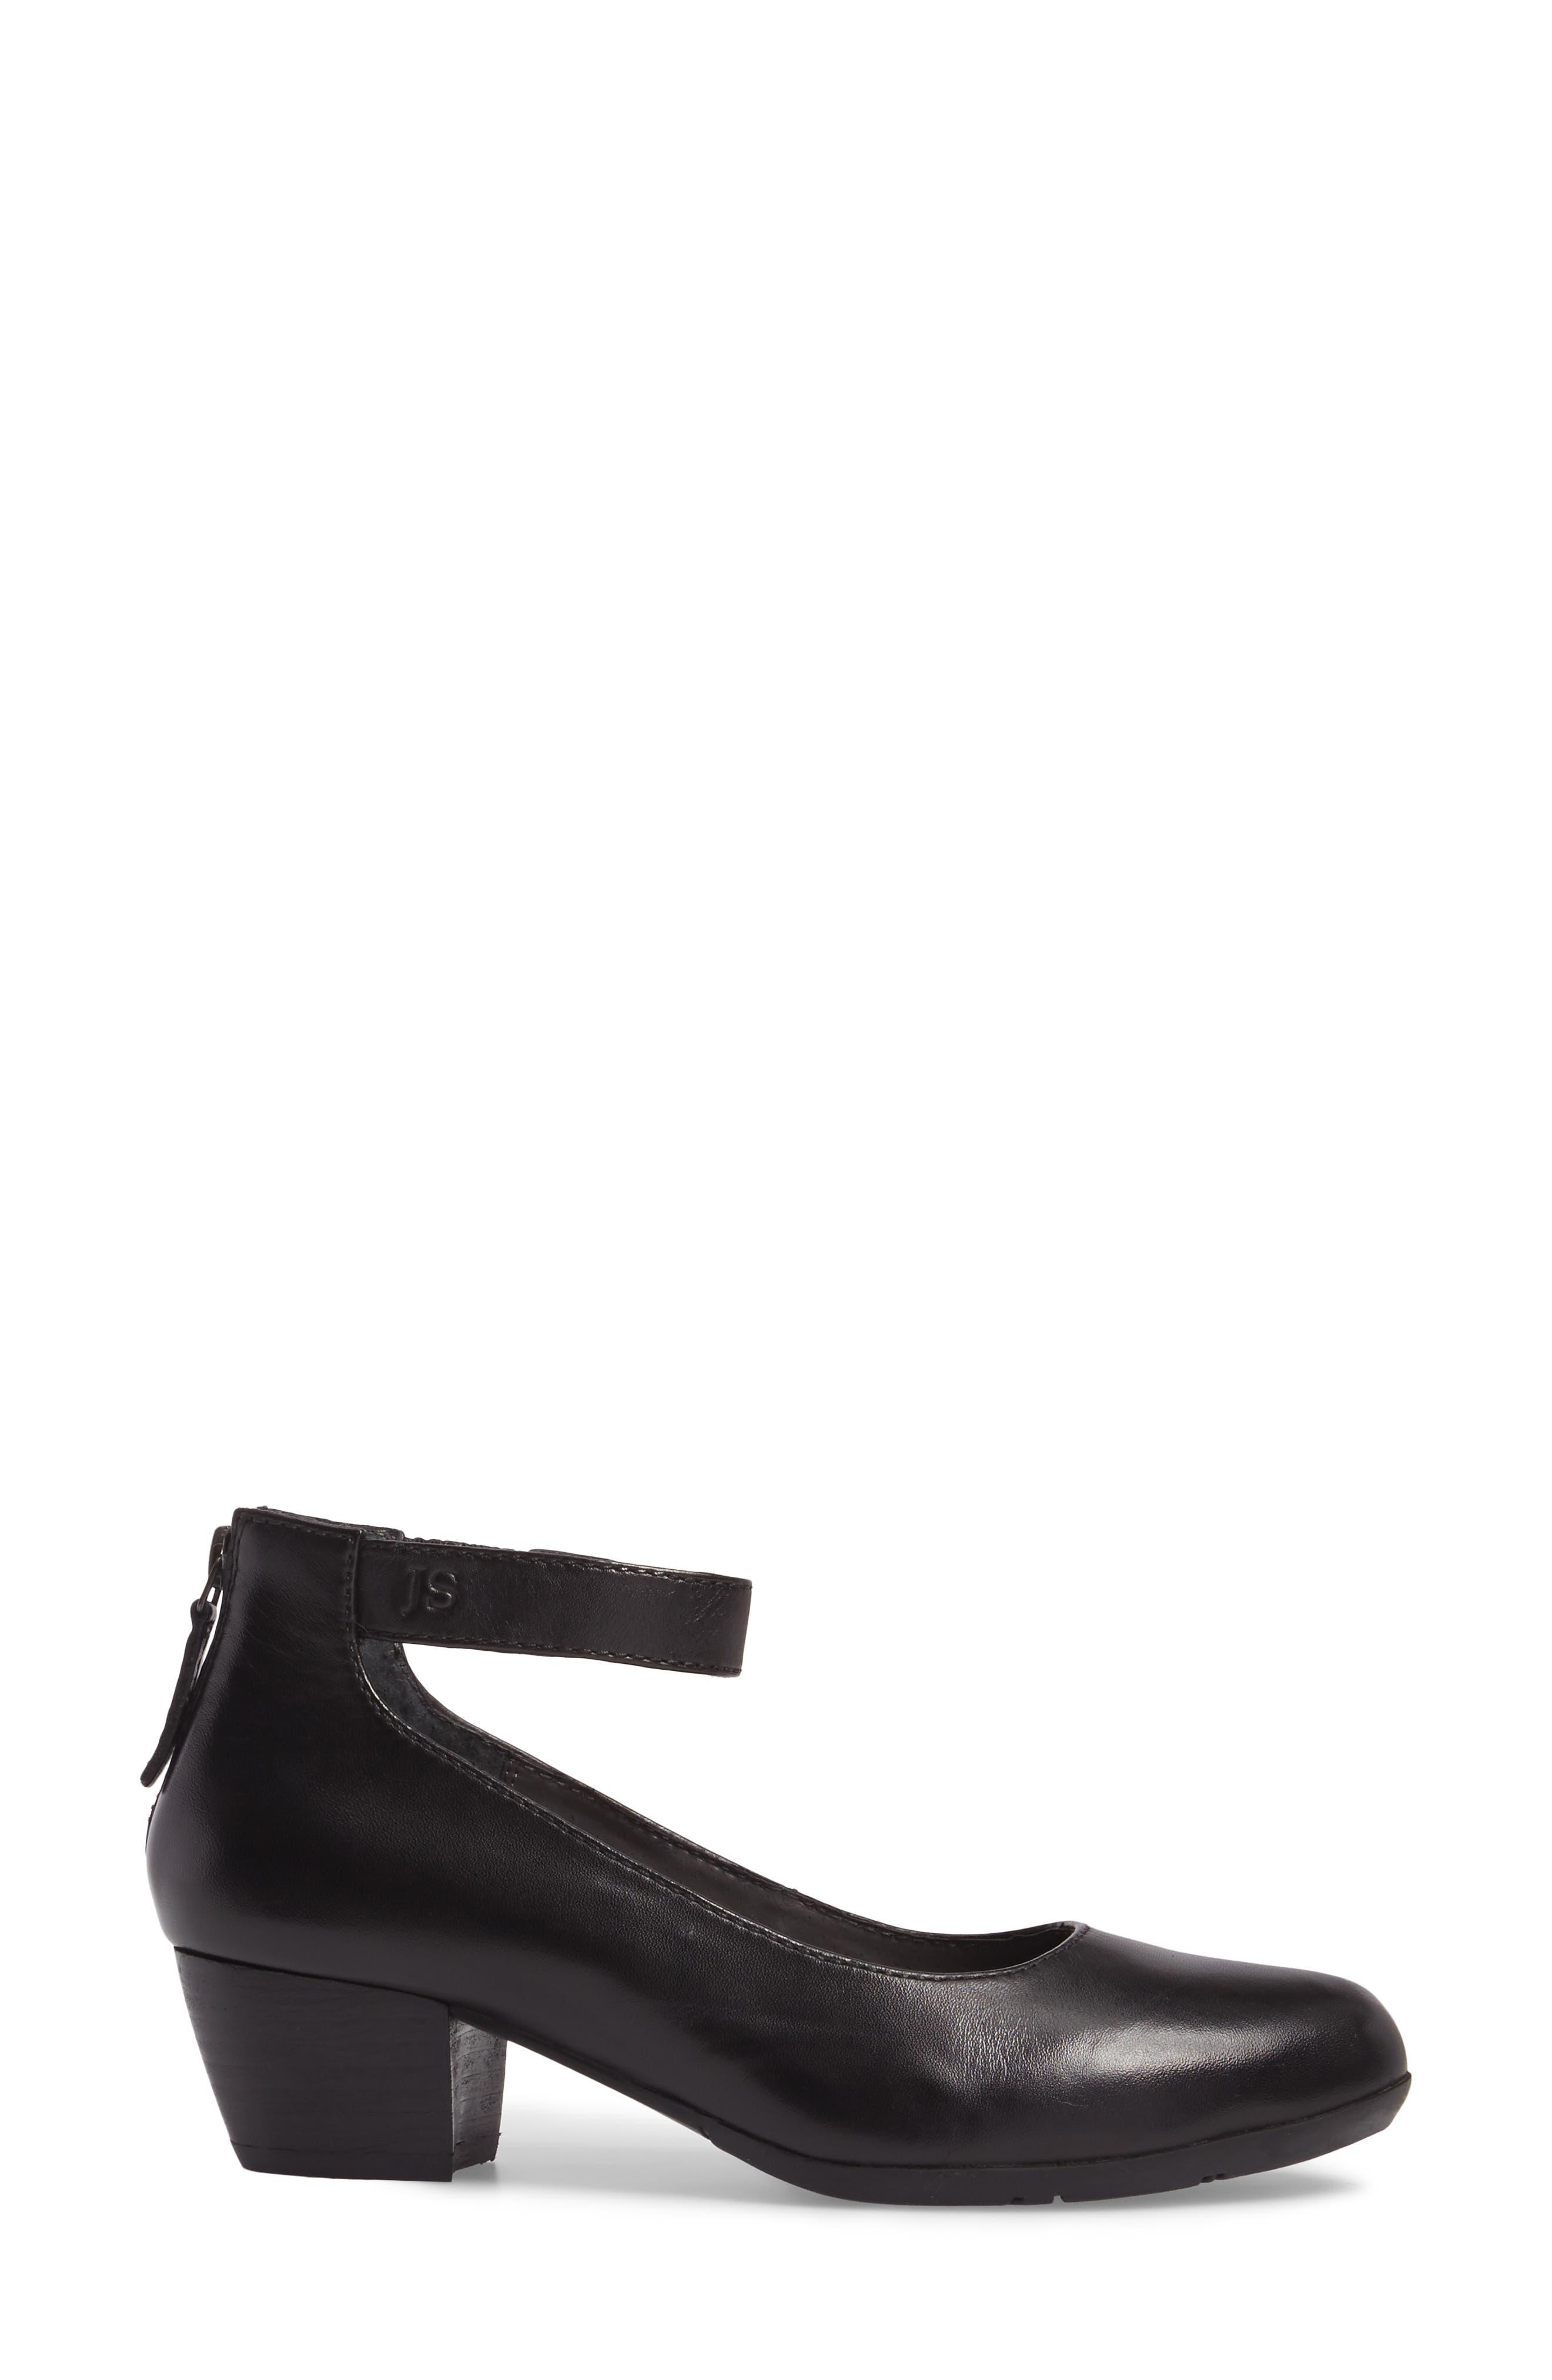 Sue 09 Ankle Strap Pump,                             Alternate thumbnail 3, color,                             Black Leather